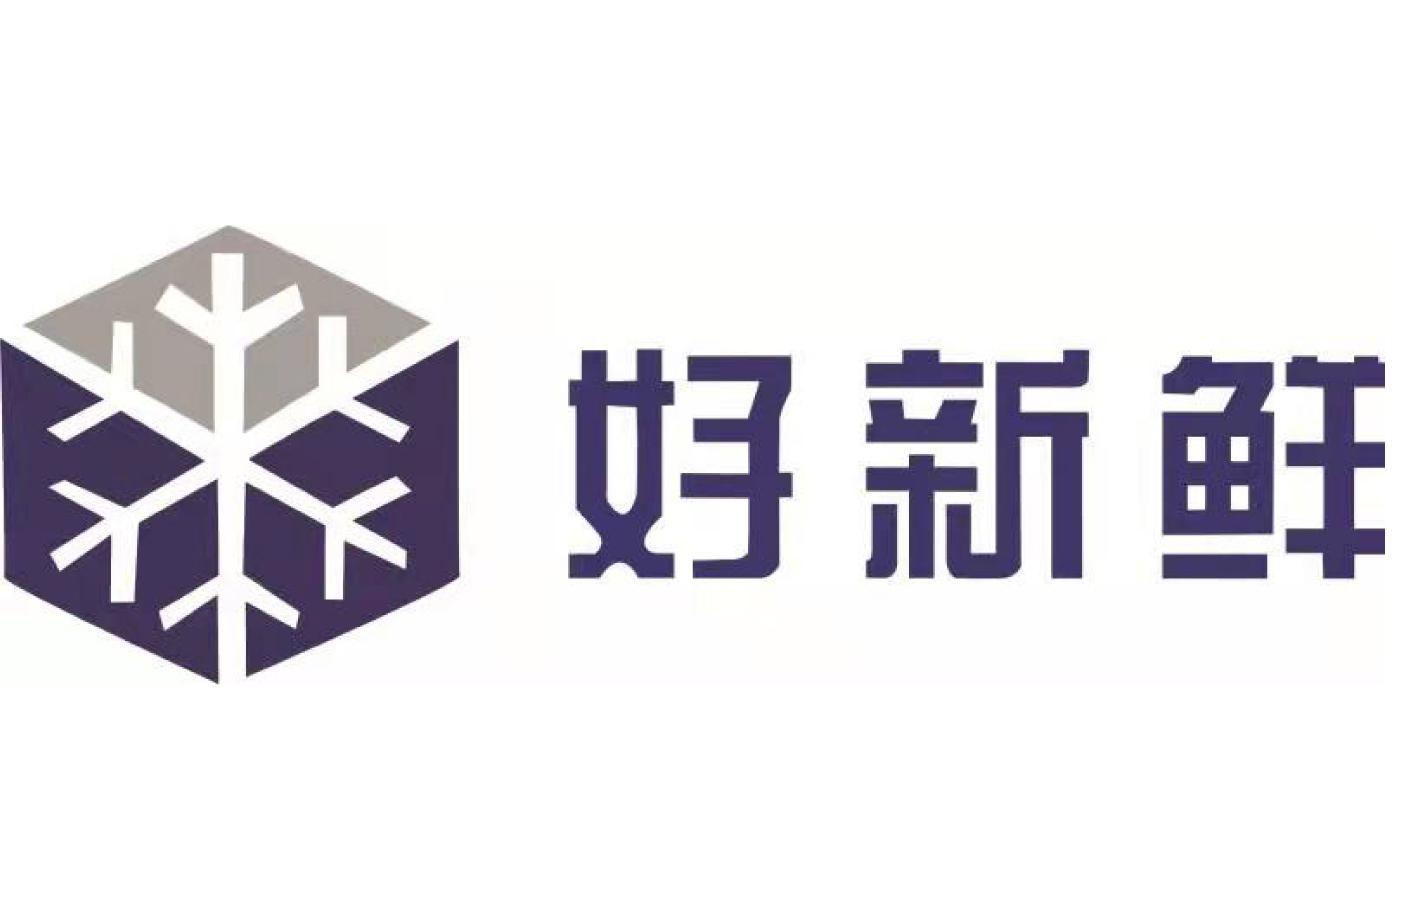 深圳好新鲜冷链科技有限公司